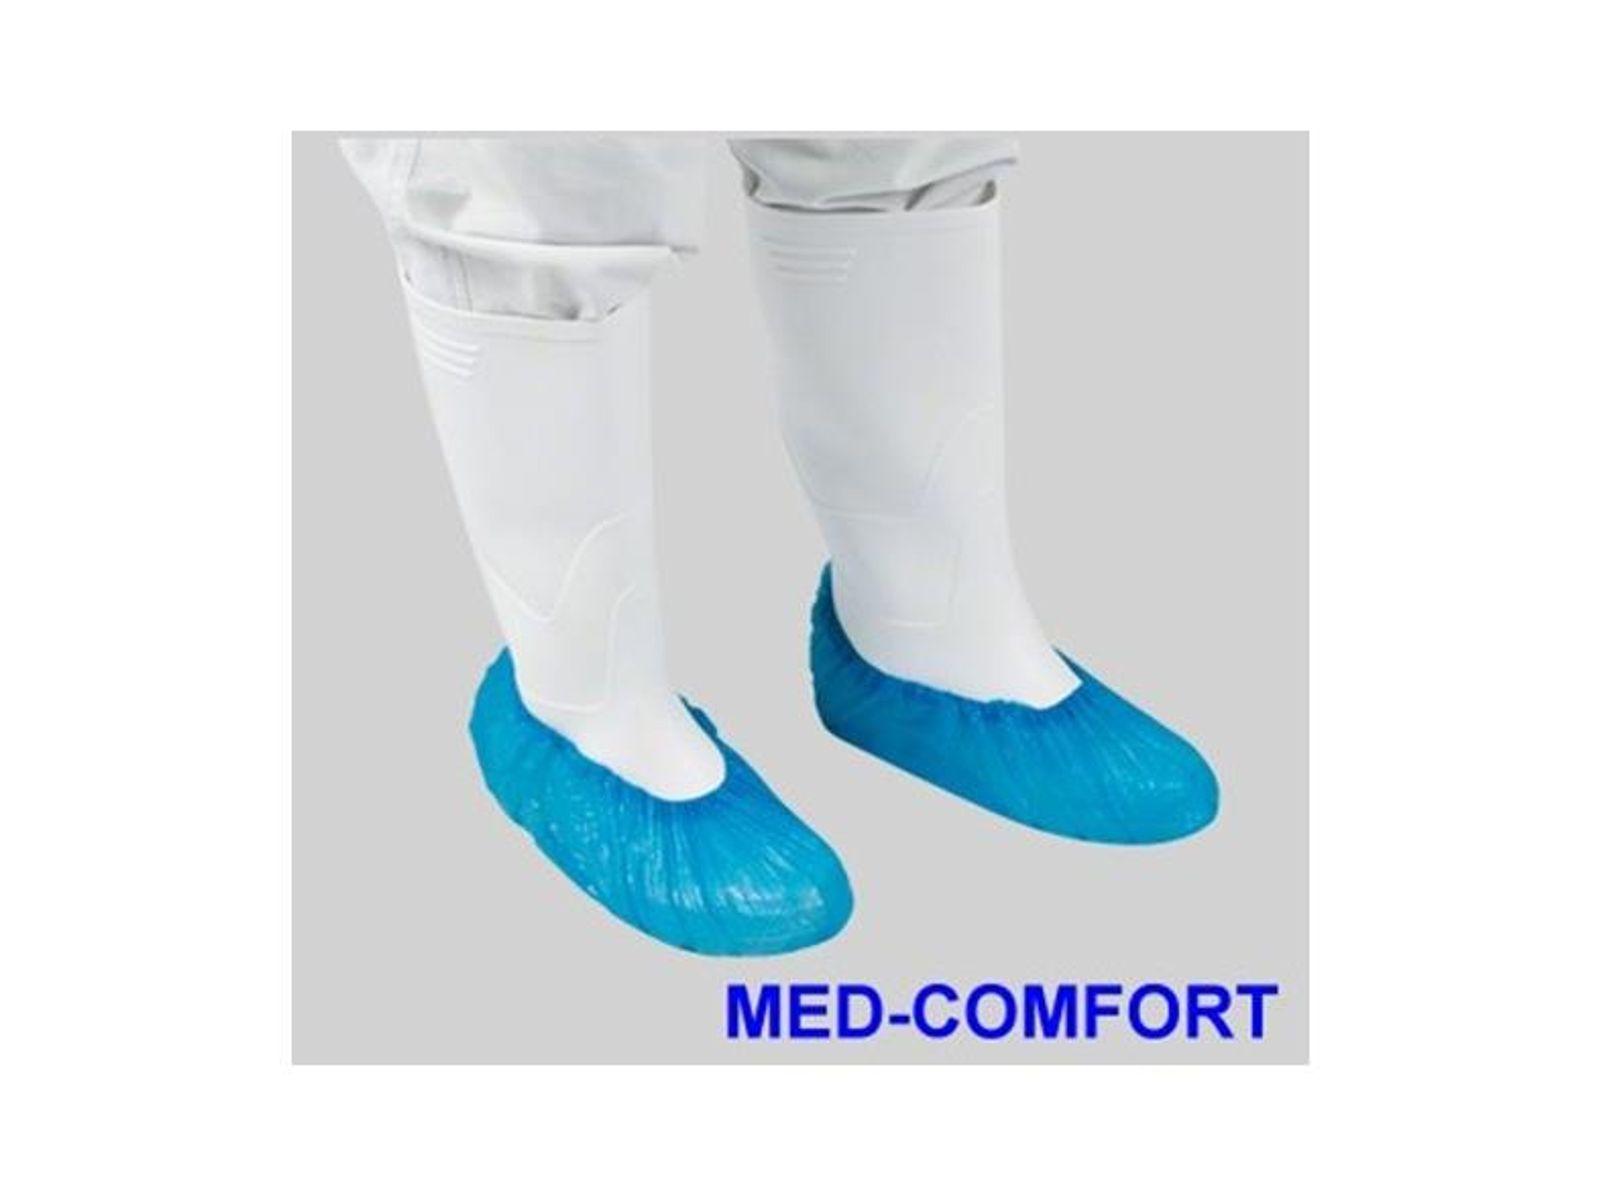 Einwegüberschuhe 100Stück Med Comfort blau Schutzüberzieher Einweg Überzieher 001